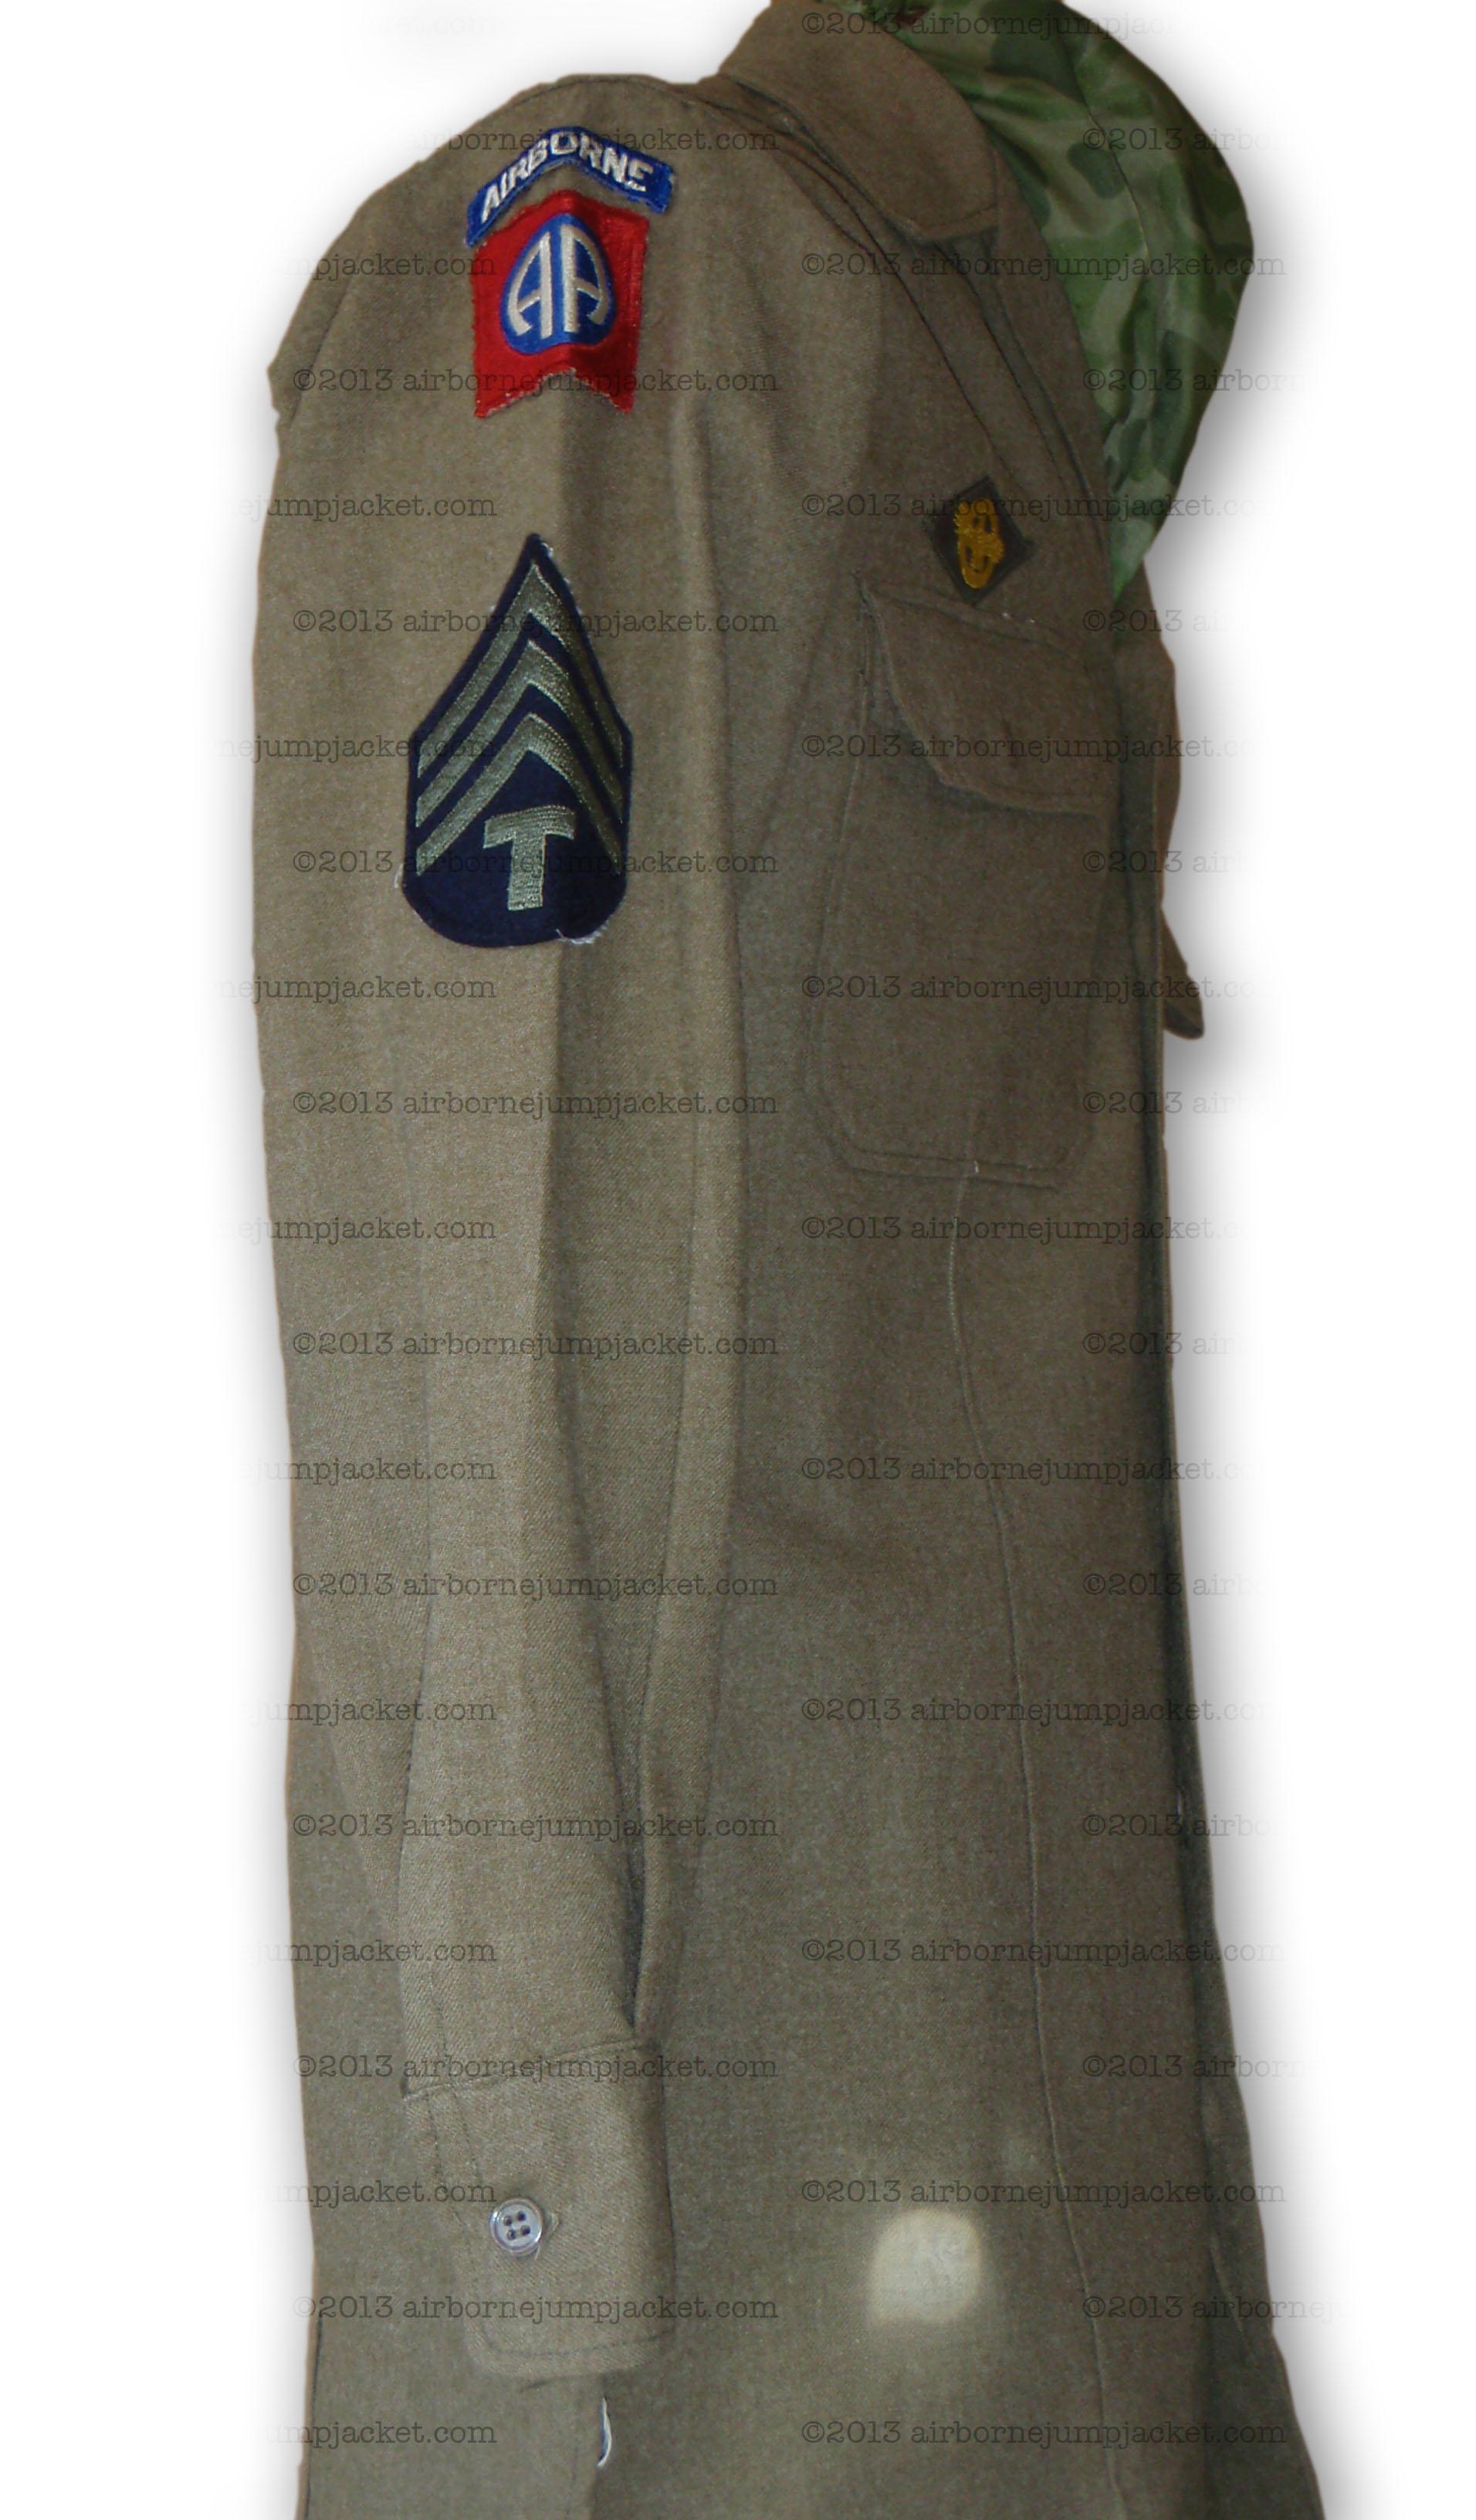 WWII 319th Glider Field Artillery Battalion, 82nd Airborne ...